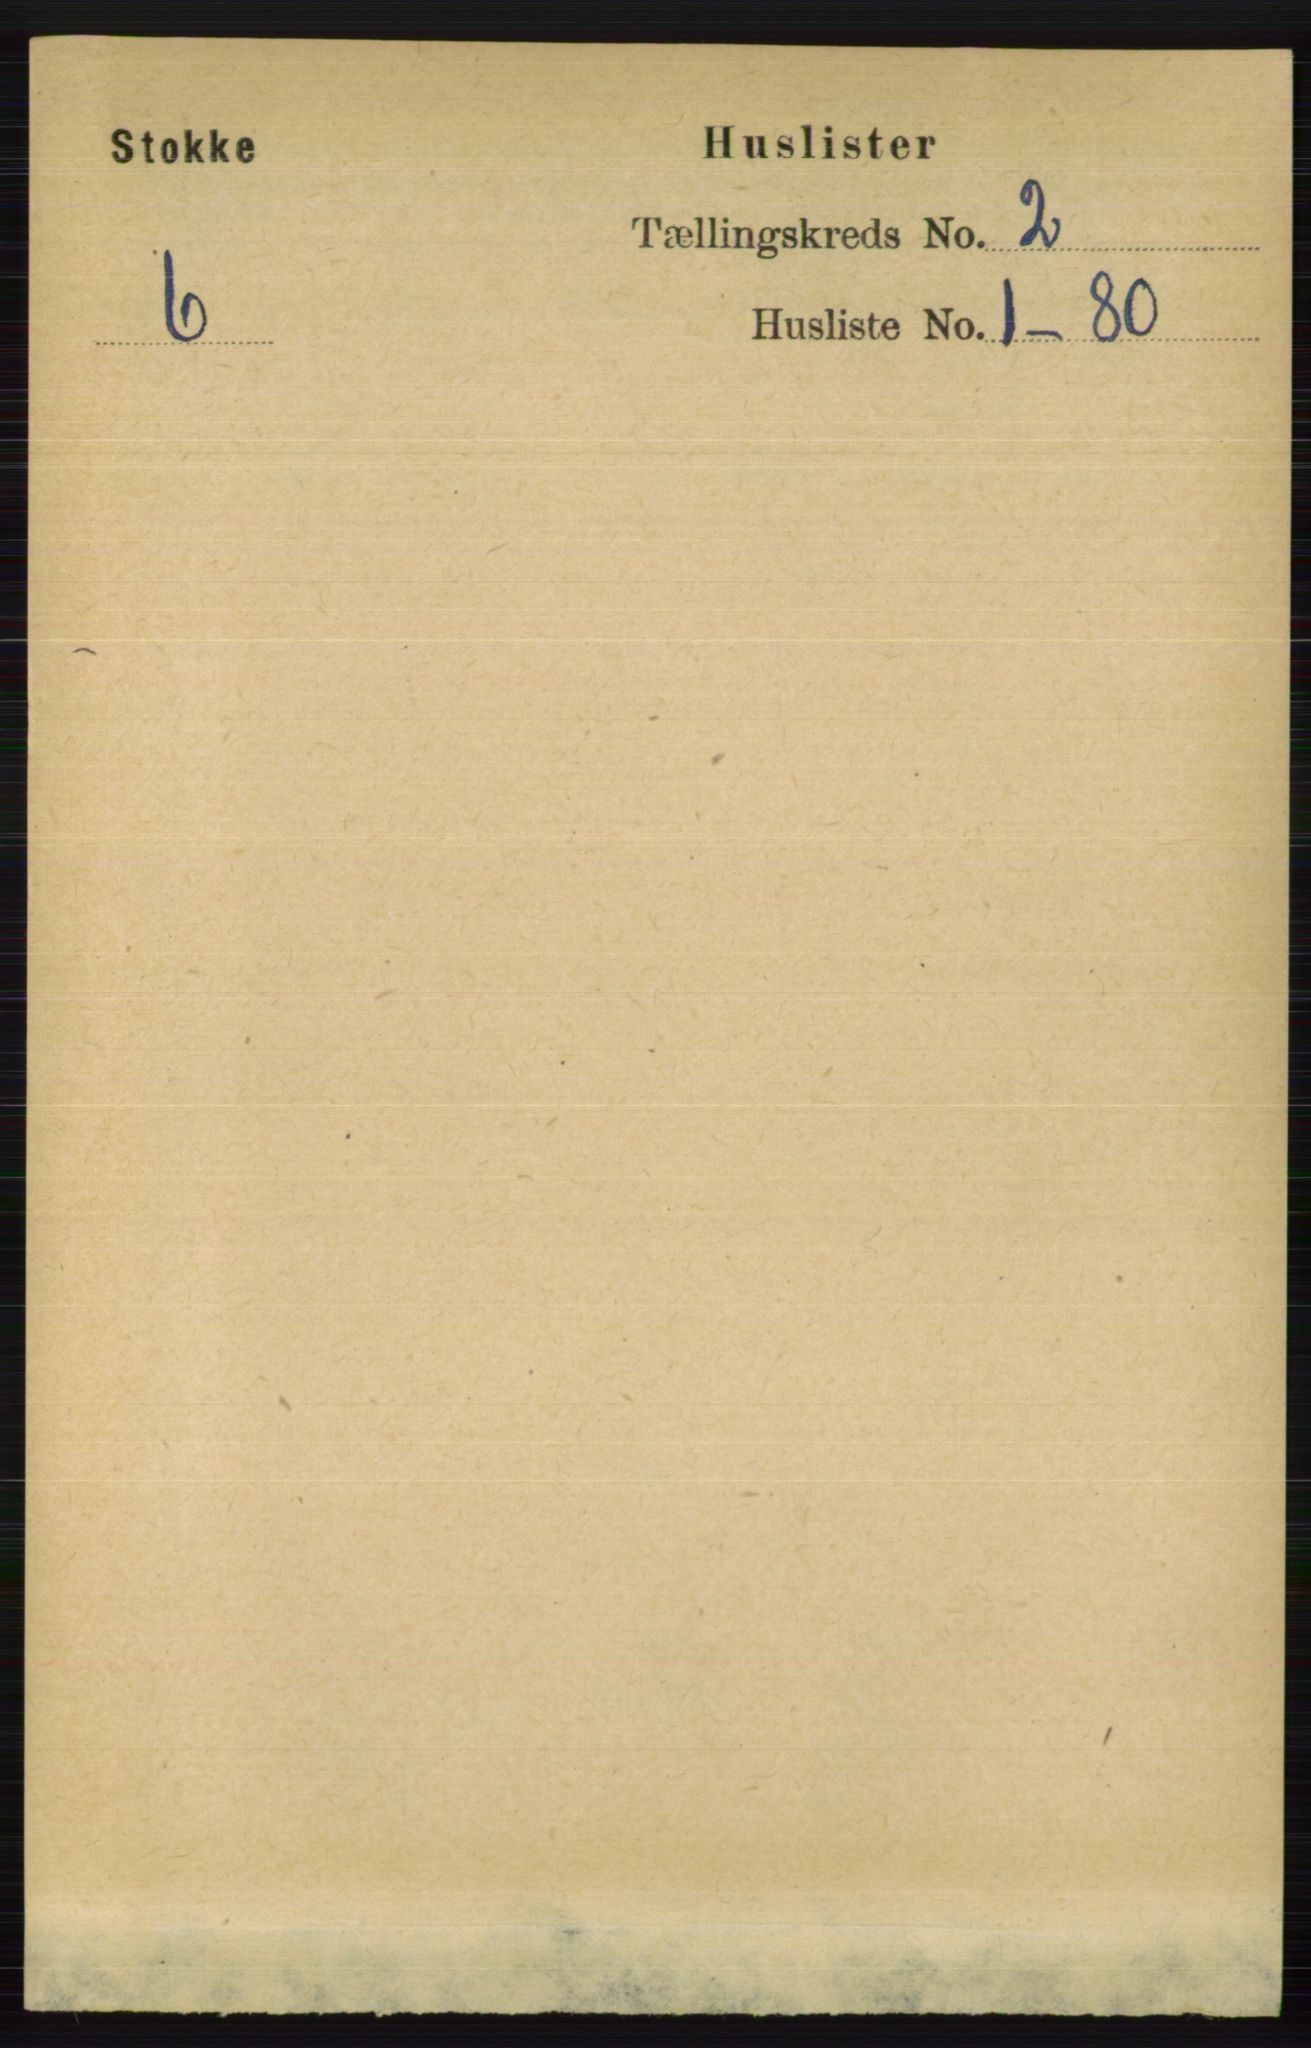 RA, Folketelling 1891 for 0720 Stokke herred, 1891, s. 862